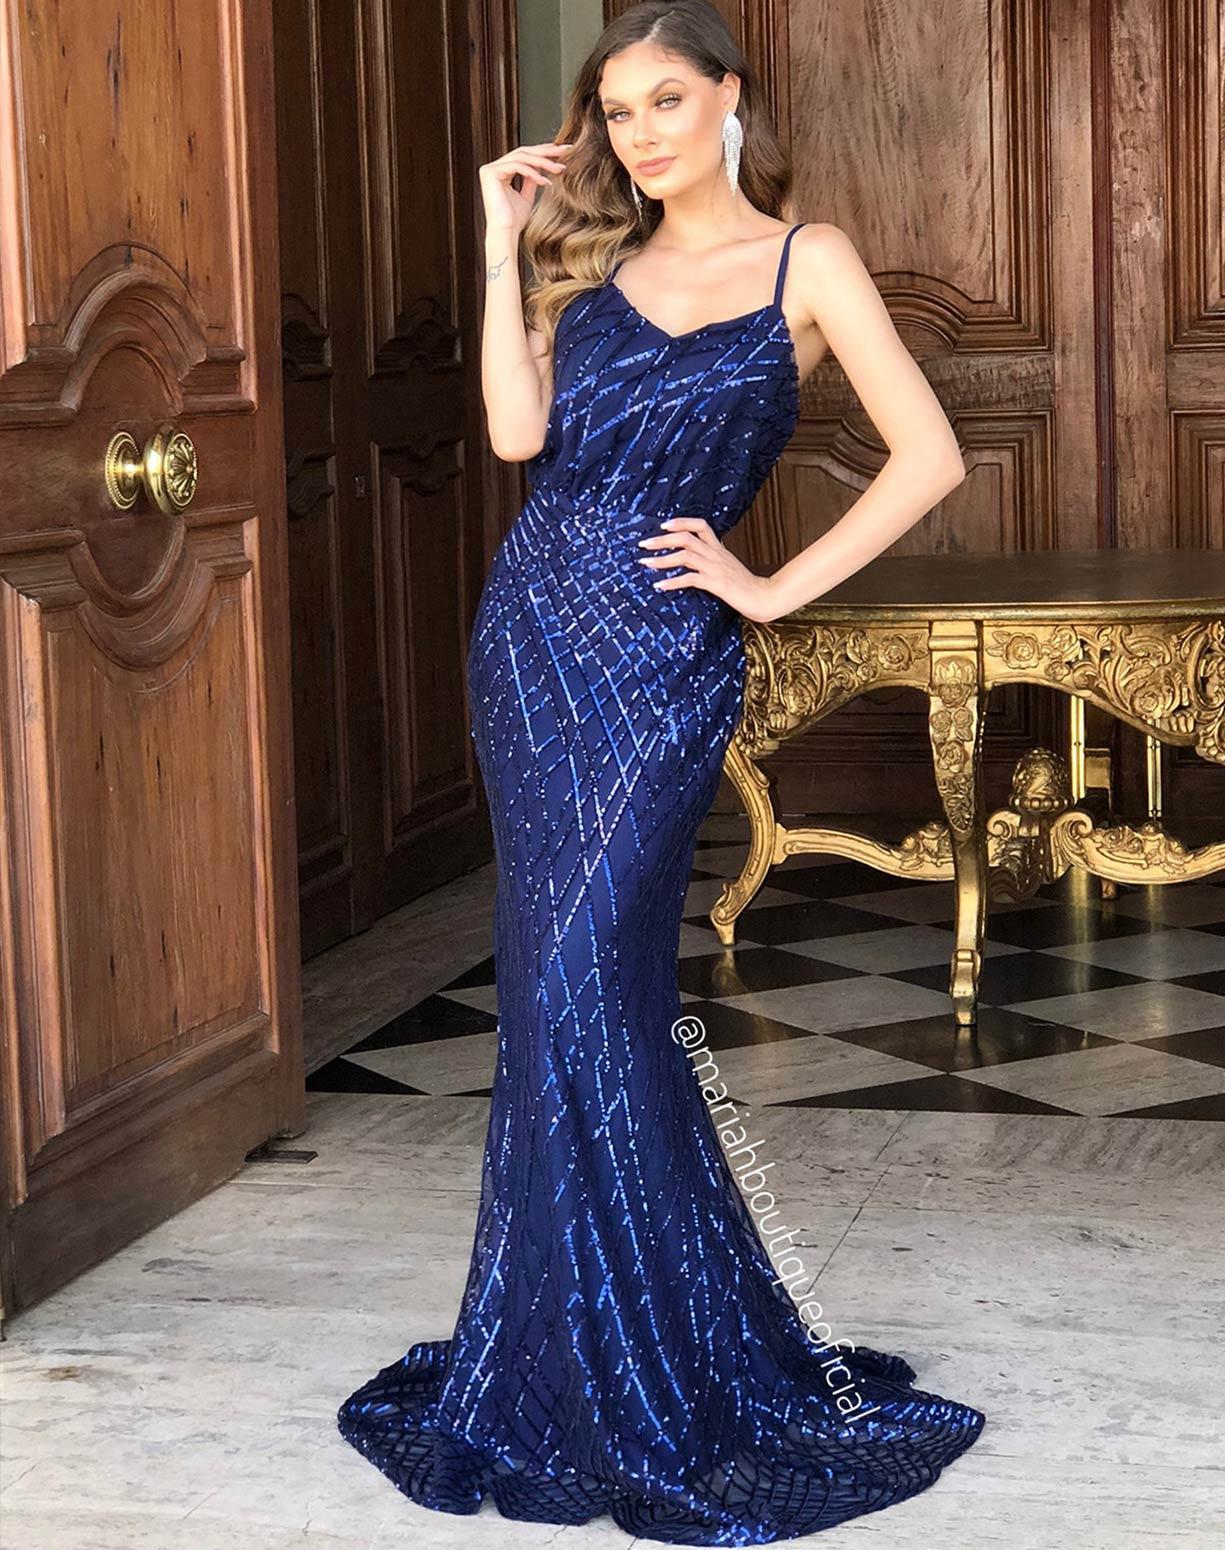 Vestido Azul Marinho Blusê com Saia Sereia